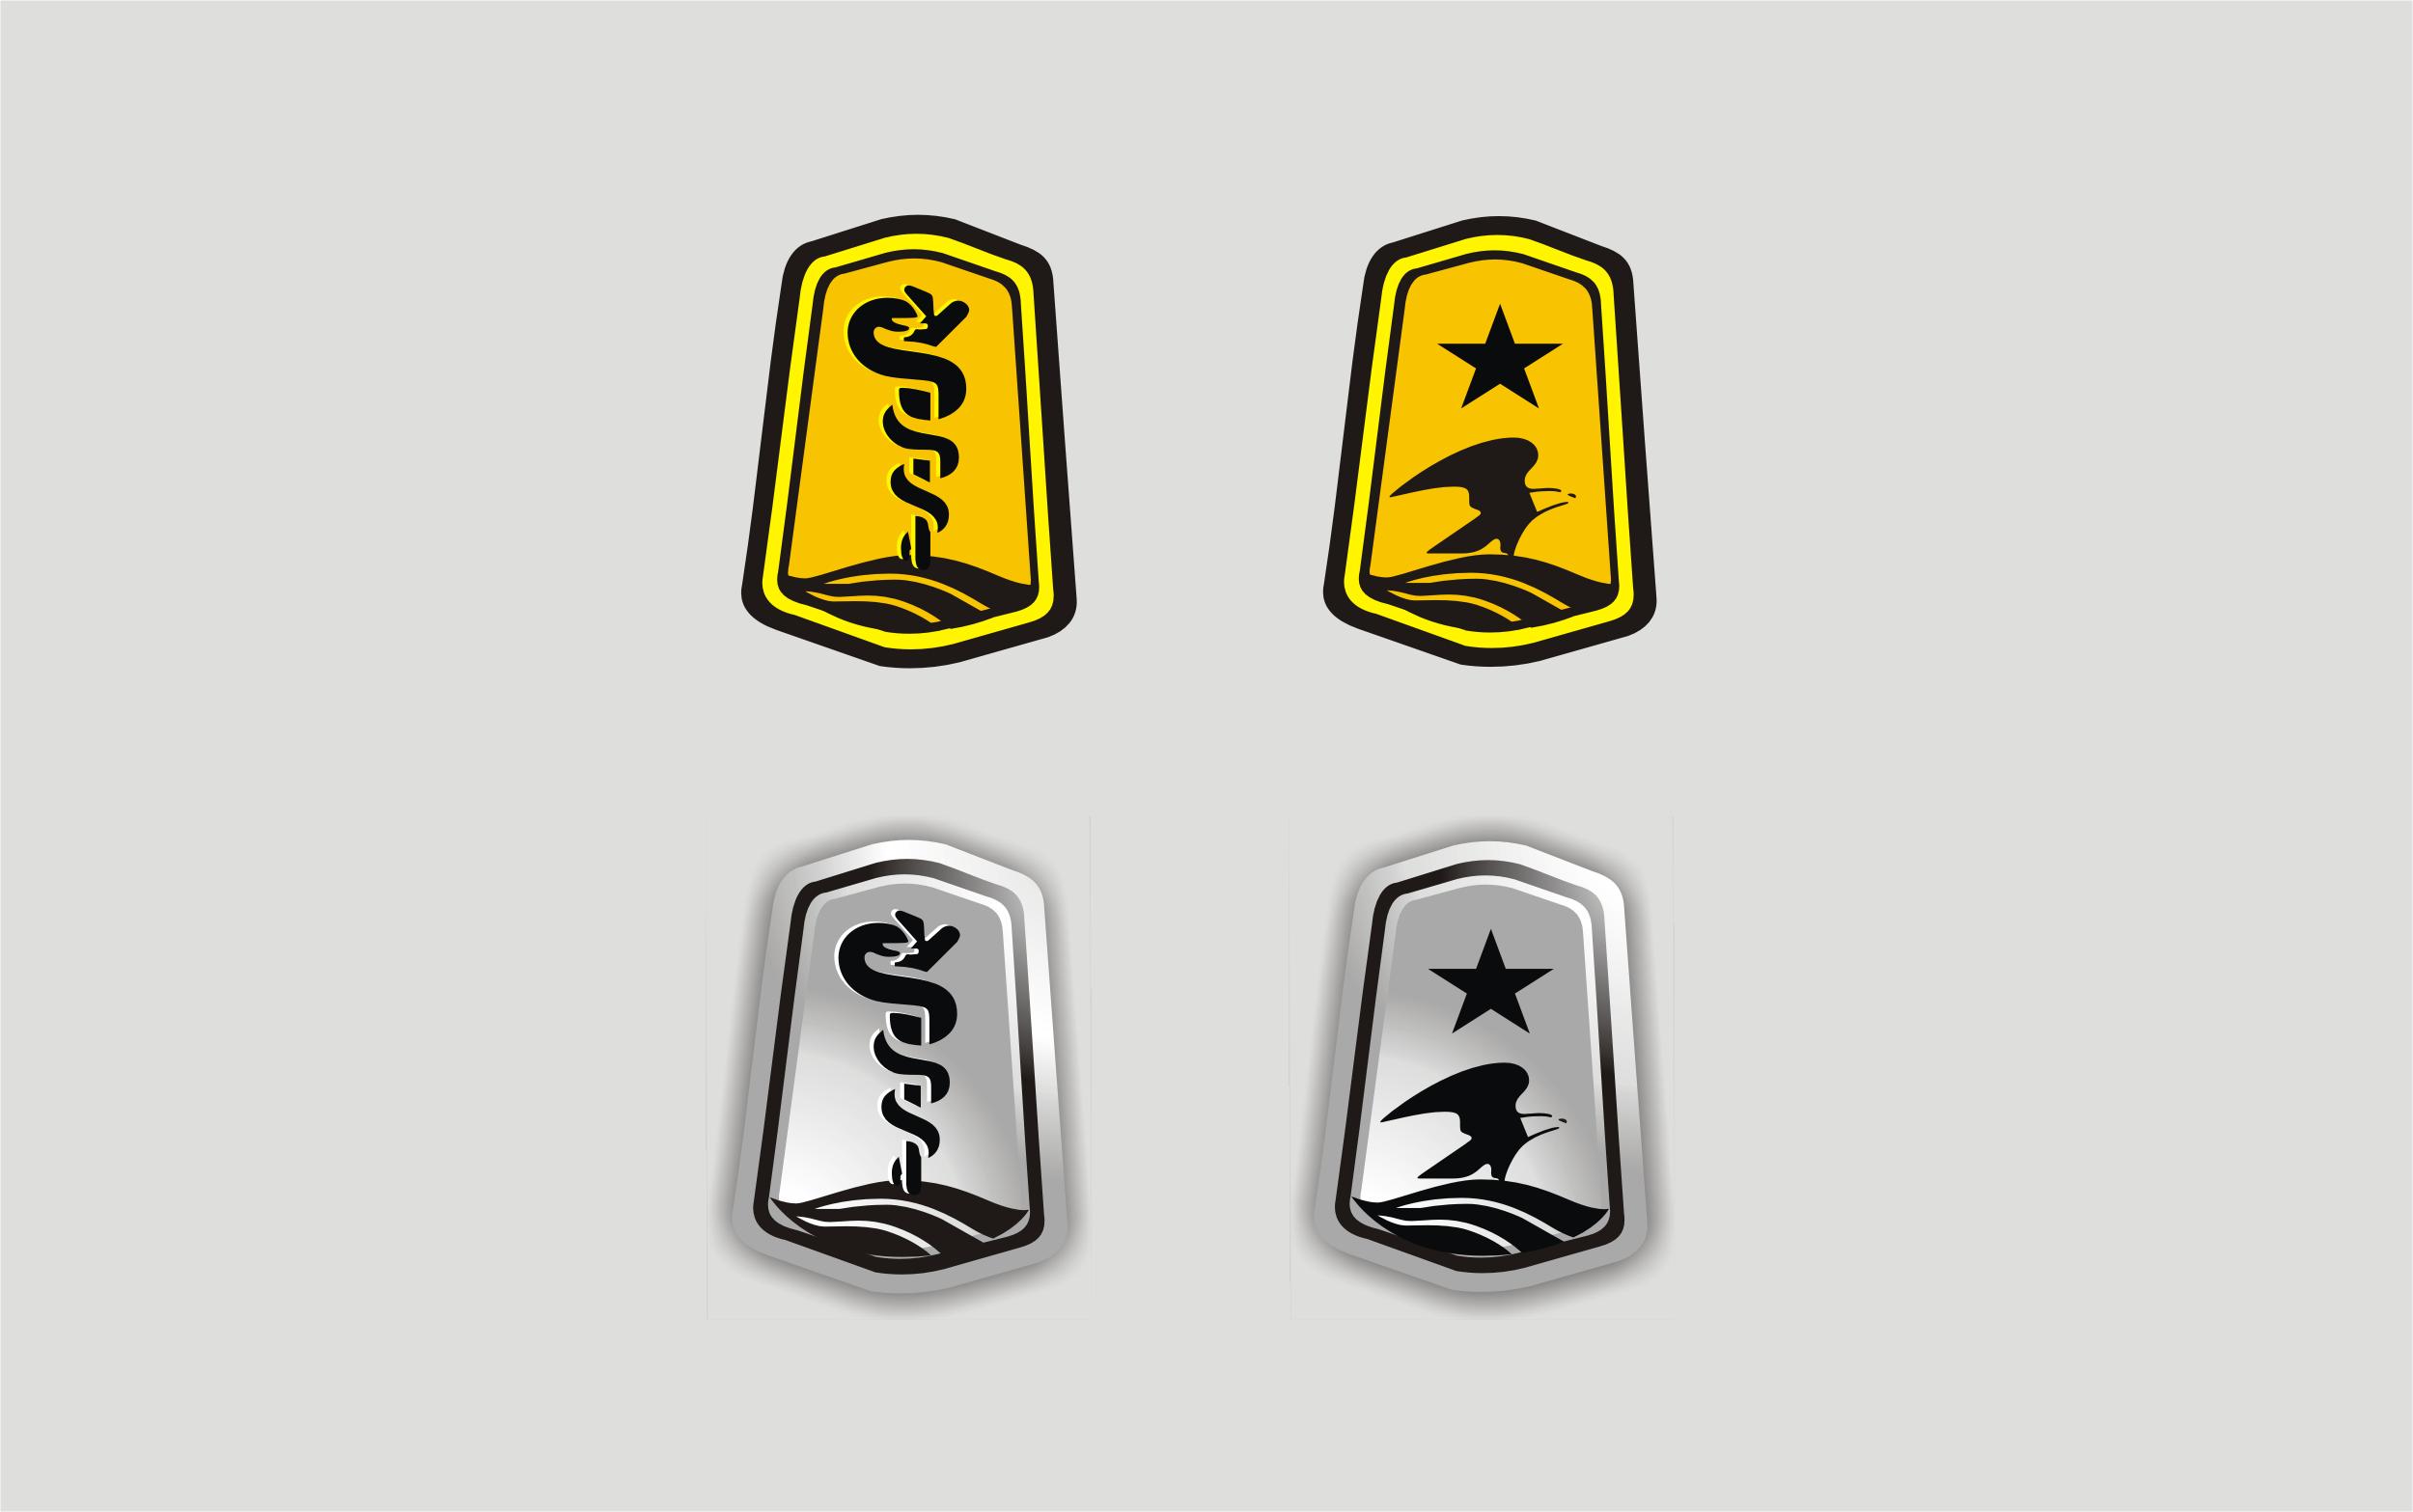 (就设计一个图标,不需要出现什么字母 1,因为徽章像素只有20×20,所以不易复杂,颜色明快为好; 2,可以用船帆,动物头像,鸽子,橄榄枝等等之一为素材,或者其他都可以, ) 不知道你有没有玩过大海战2这个游戏,我们舰队叫诺亚方舟舰队,在罗德尼服务器,本来舰队徽章已经有的,一方面不是很满意,同时看这里挺热闹的,就出一个任务,希望能有意外惊喜; 1,徽章格式要求,文件格式要求必须为:24bit bmp,徽章尺寸:20 X 20 像素 2,徽章内容不一定一定要和诺亚方舟联系,最好要有现代气息,颜色